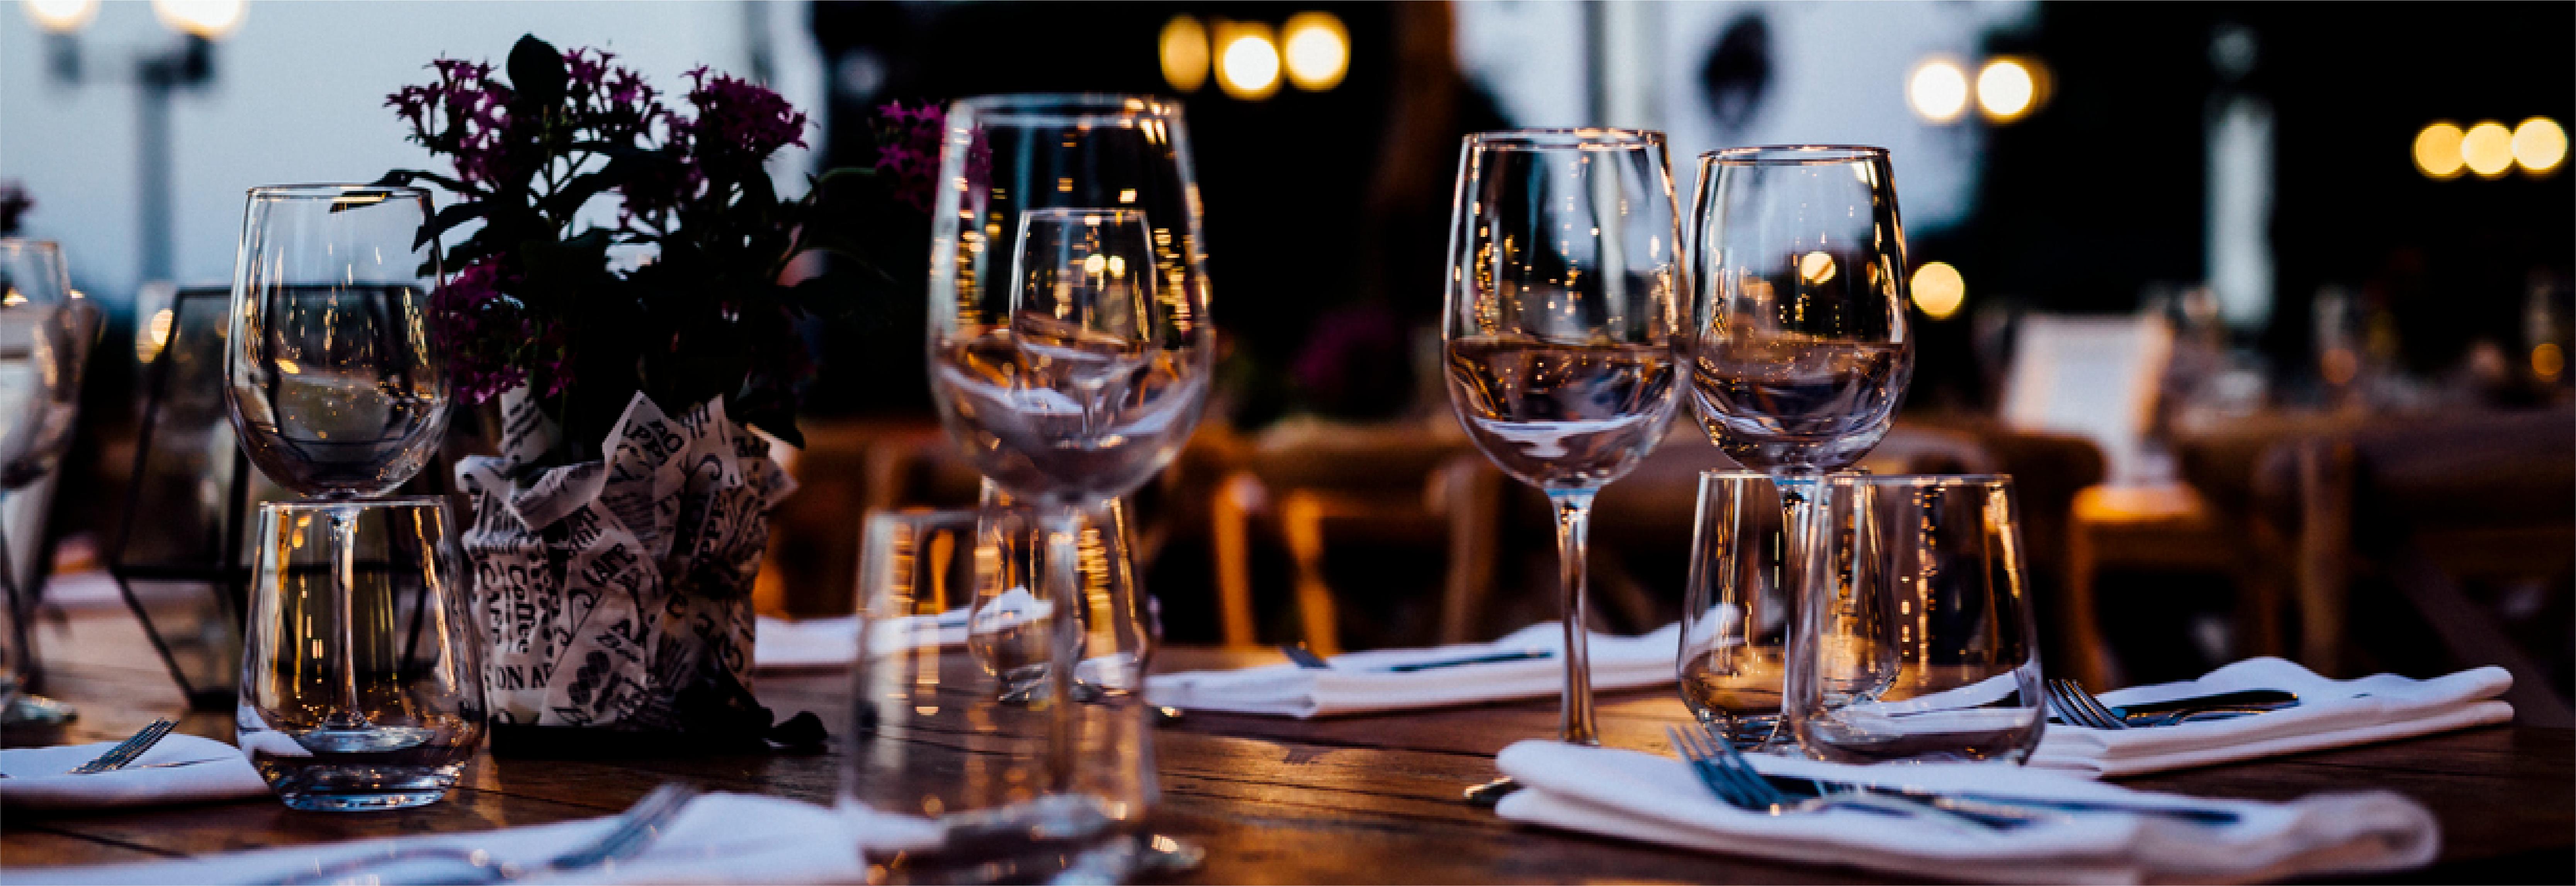 TripAdvisor's Top Restaurants in Colorado Springs